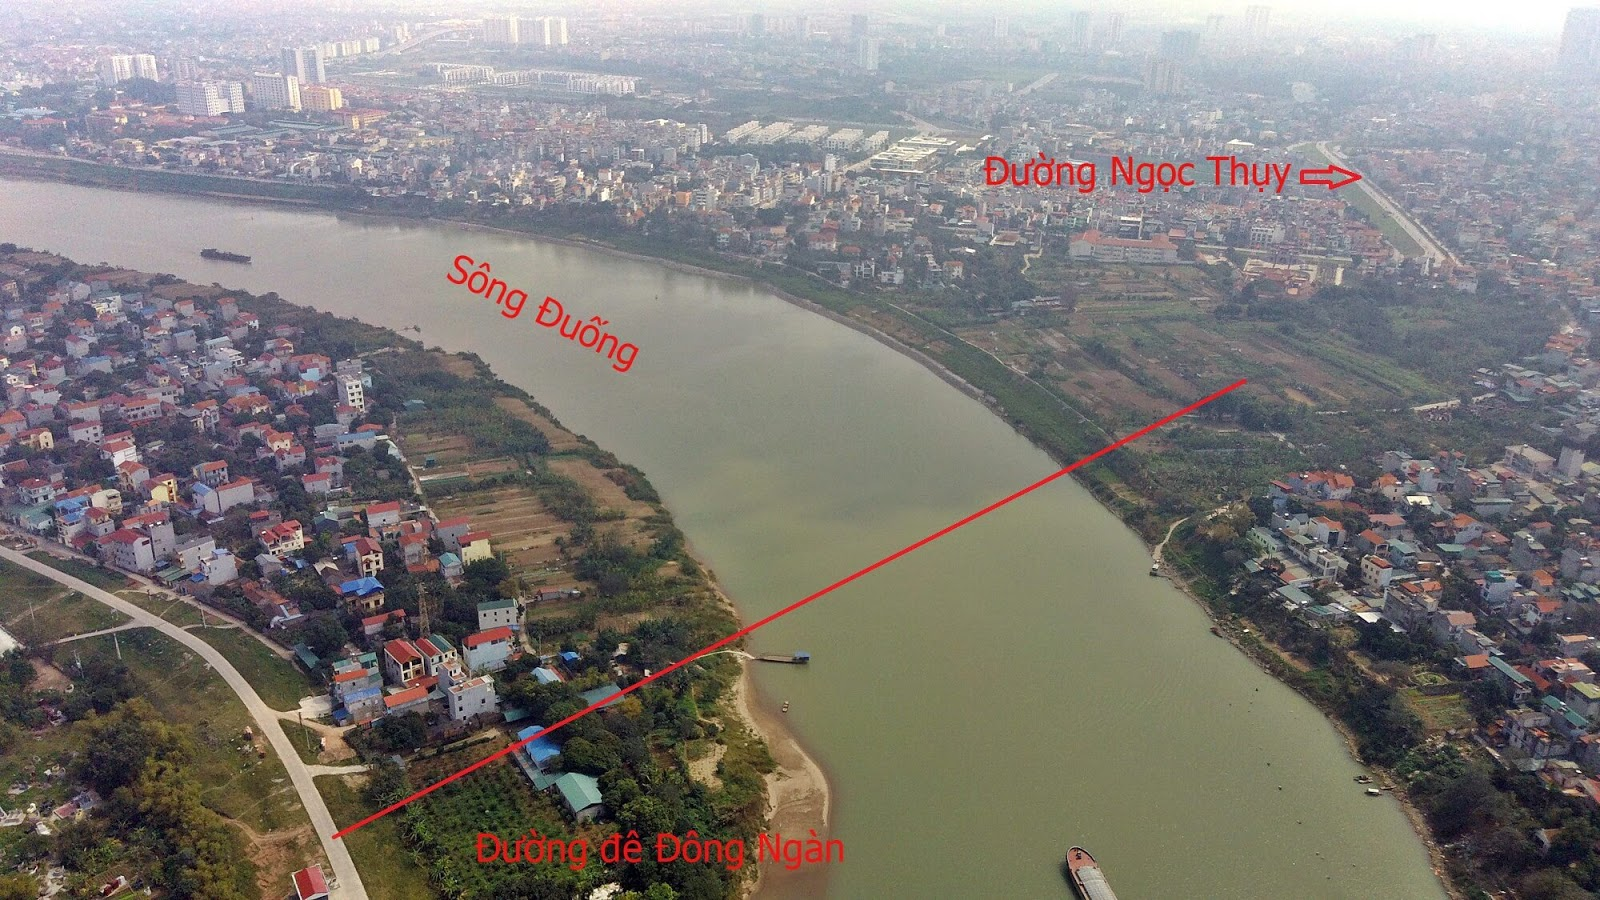 Lộ trình cầu bắc từ Đông Ngàn qua Ngọc Thụy ( Long Biên ).